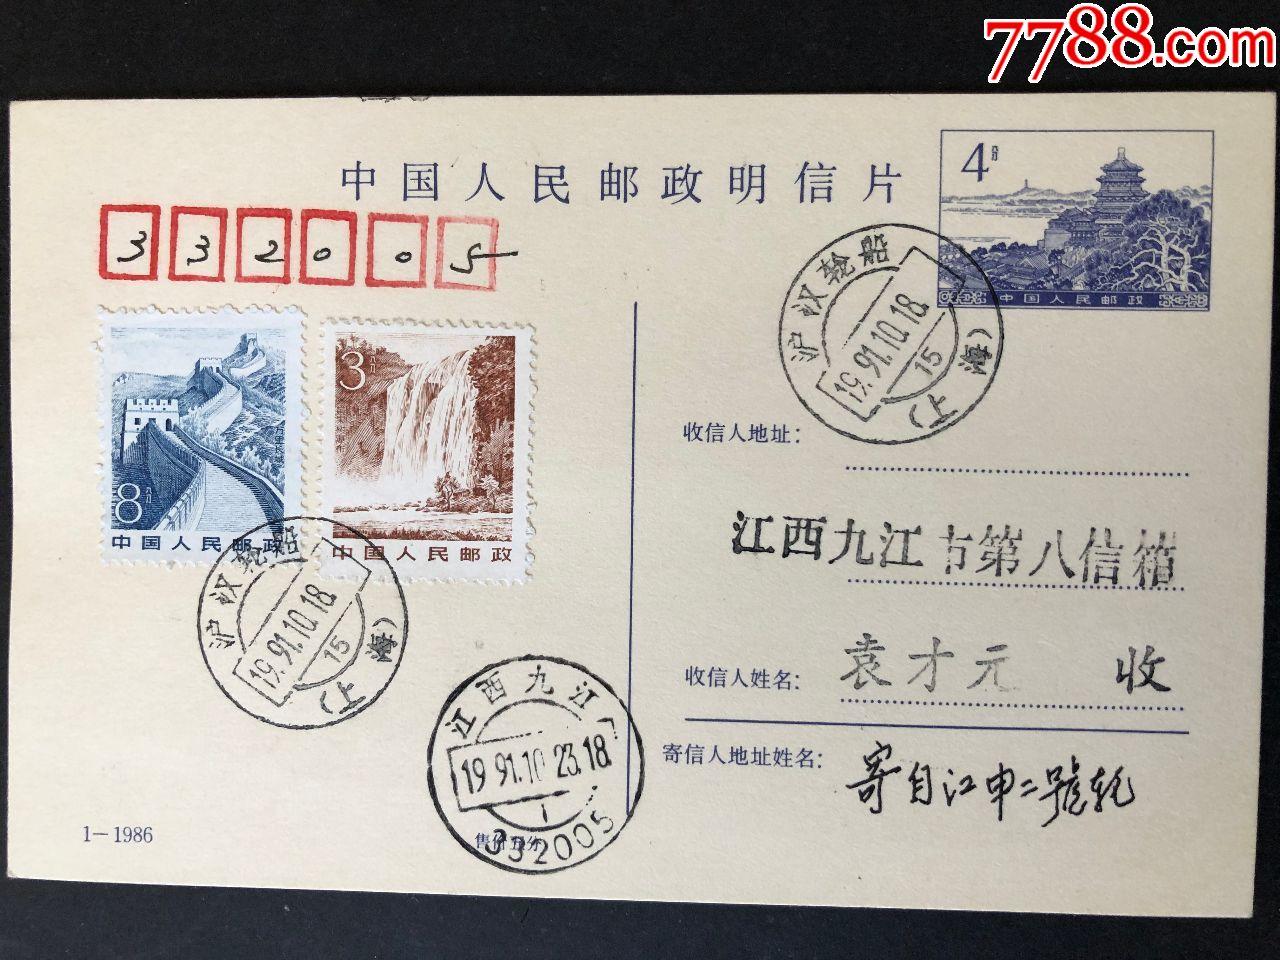 �f�凵矫餍牌�加�N票符�Y上海寄江西九江,�N���h�船1991年10.18日�]戳(au21143149)_